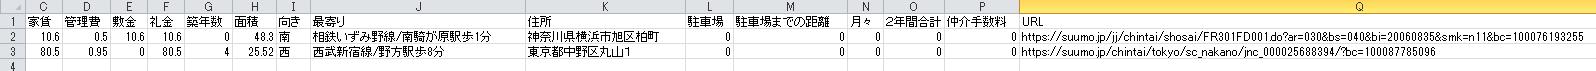 suumoのWebスクレイピング結果例